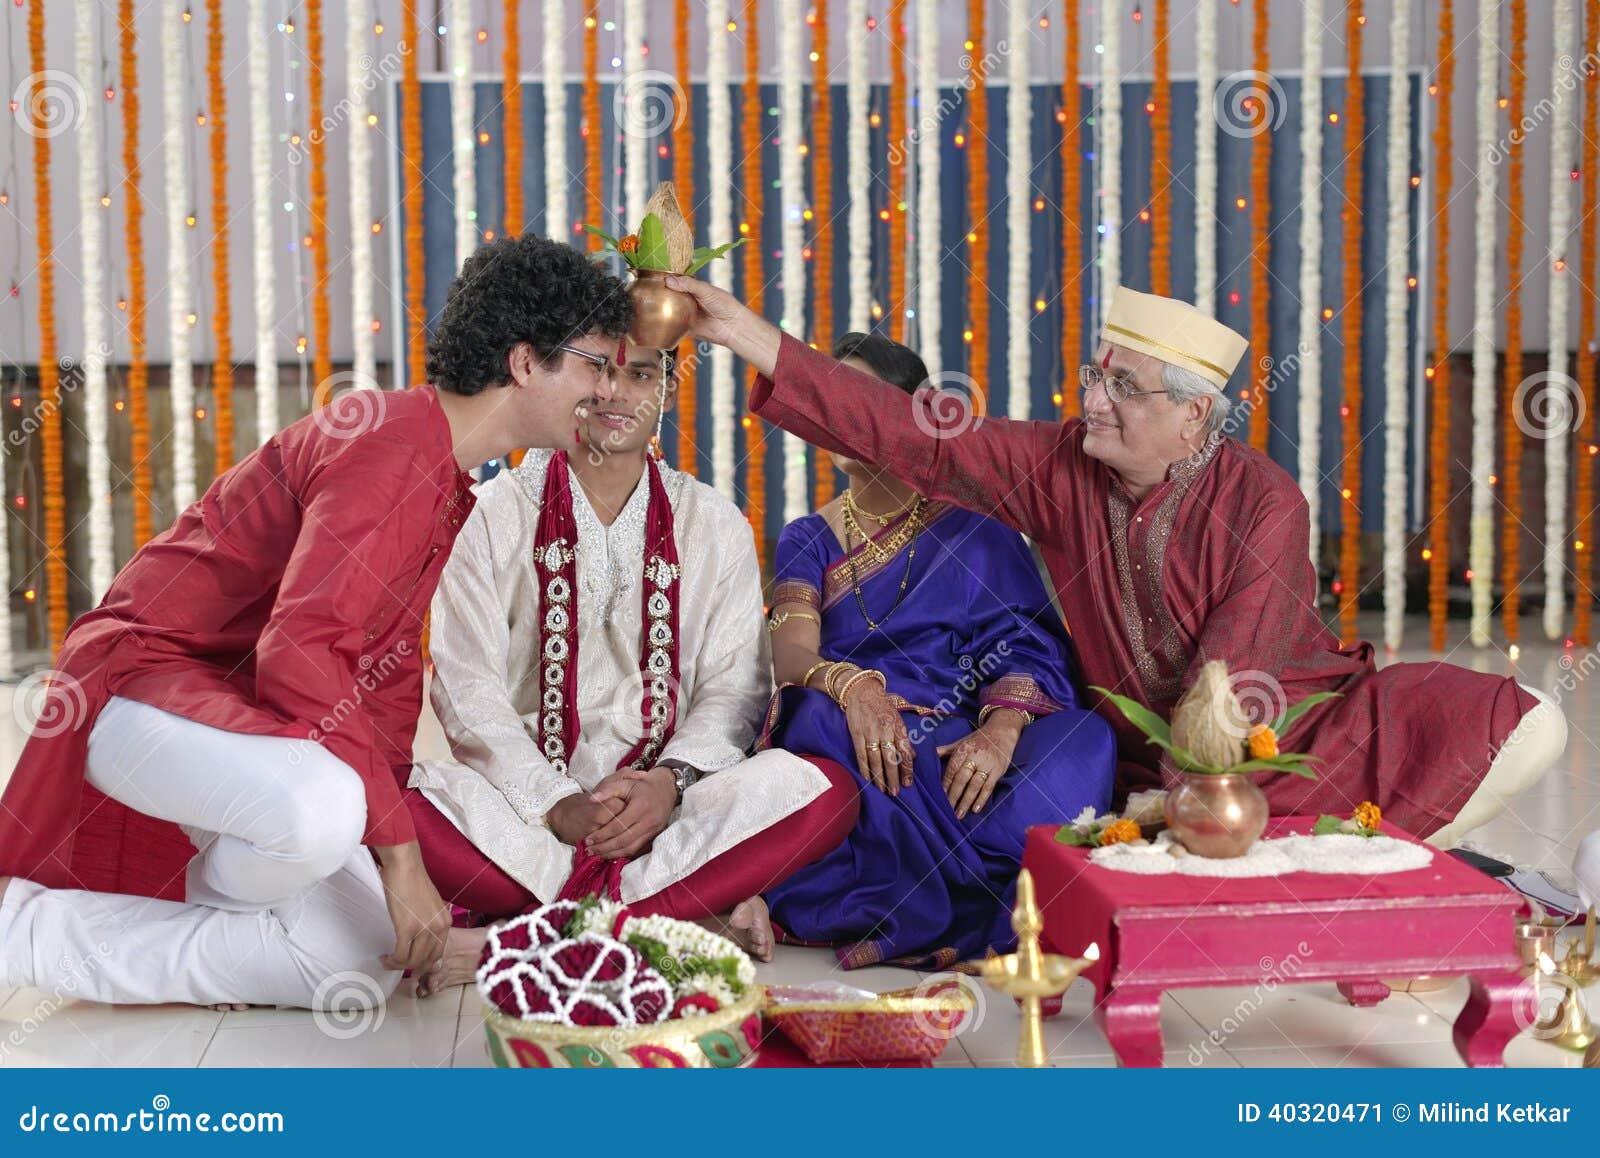 Ritual i indiskt hinduiskt bröllop